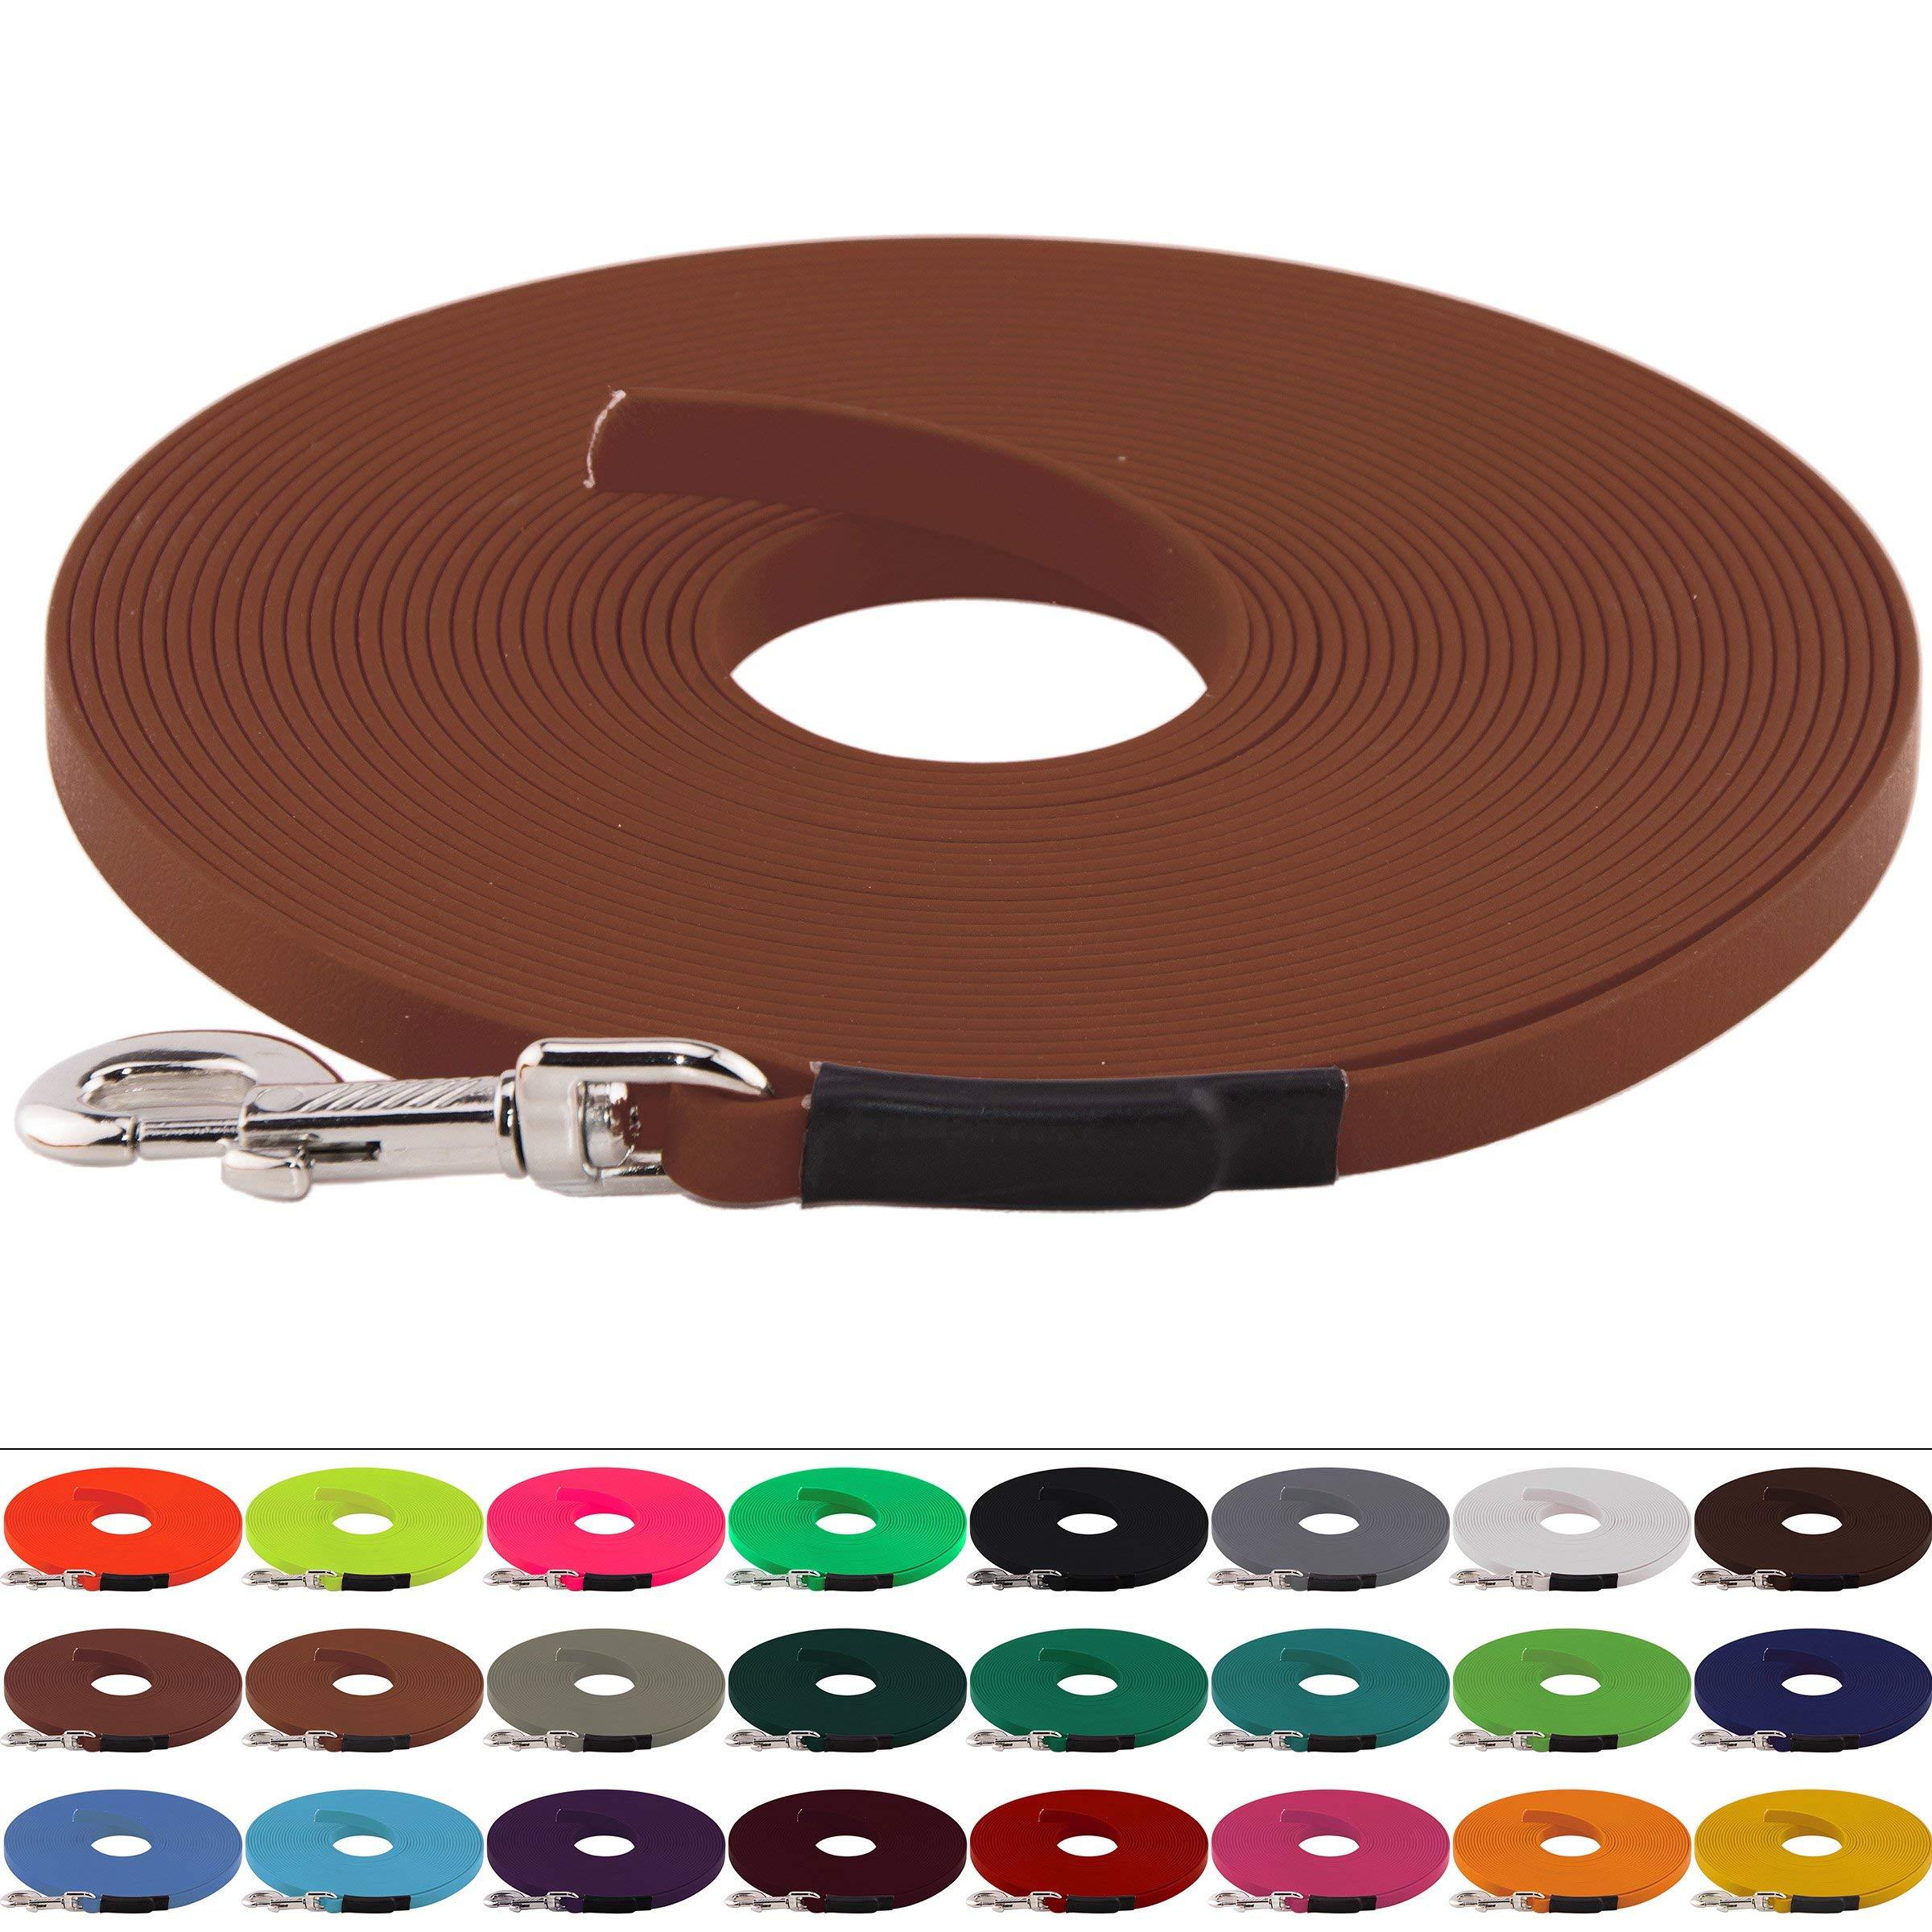 BioThane Schleppleine für Hunde 5-15kg, 9 mm breit, ohne Handschlaufe, bis zu 30 Meter Länge, genäht, in vielen Farben product image